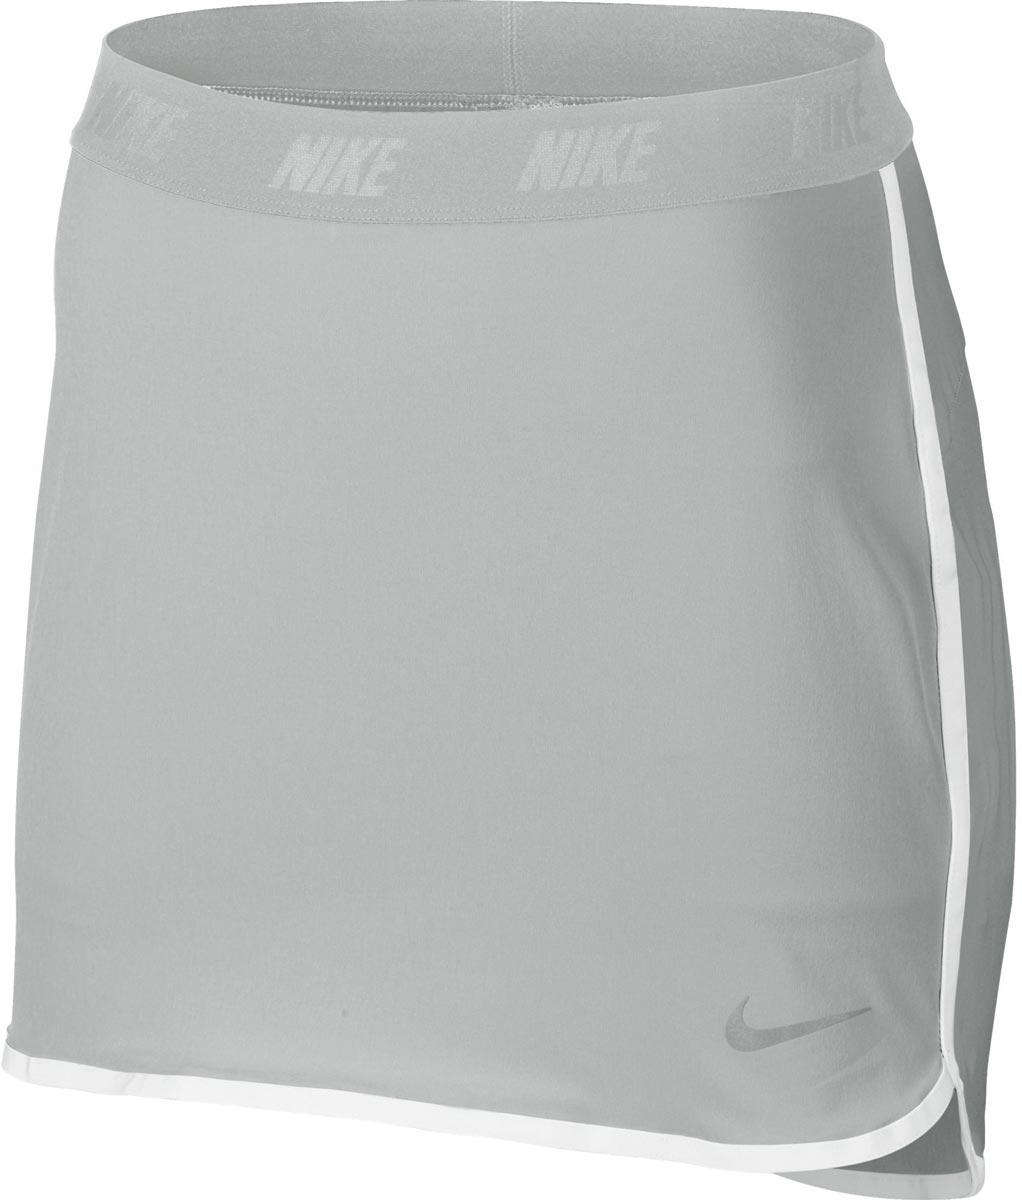 nike ladies dri fit skort, Populära Brand Nike Roshe One